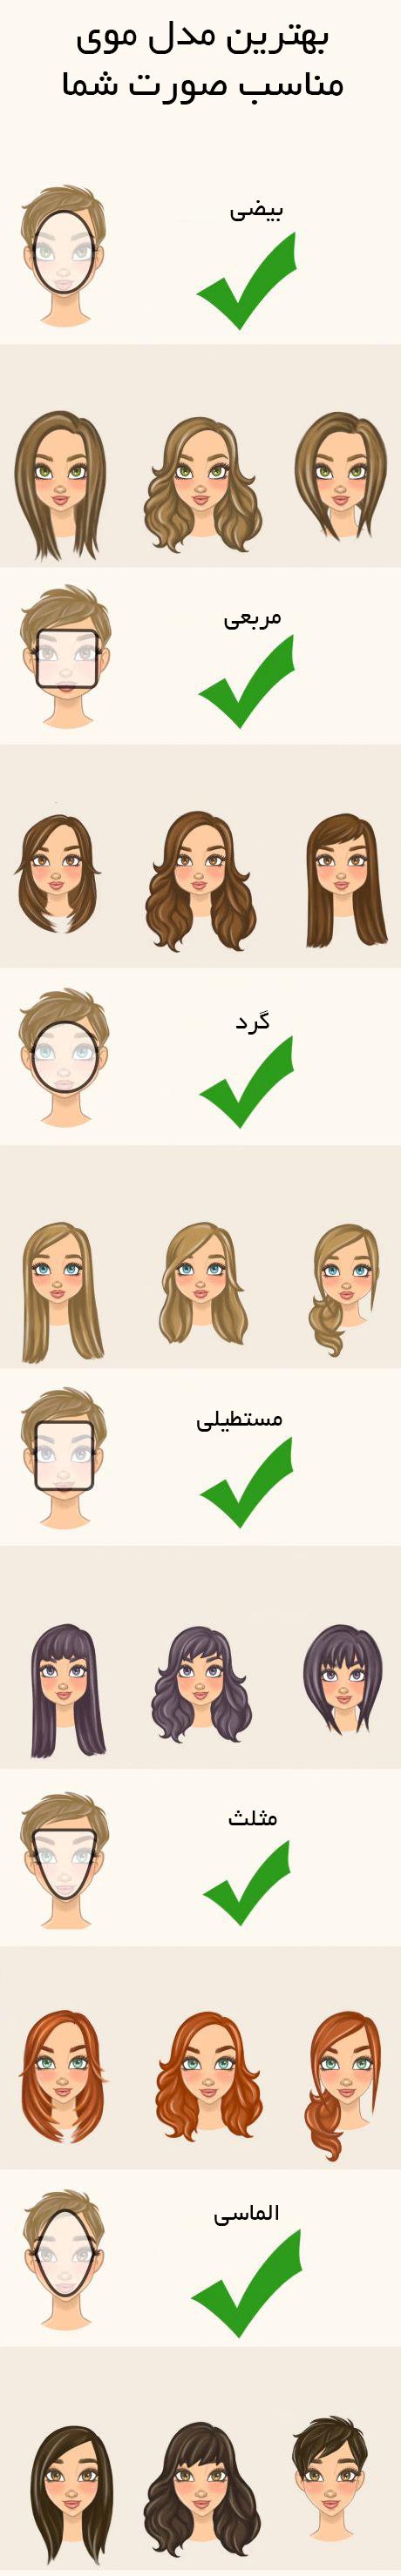 مدل مو متناسب با صورت